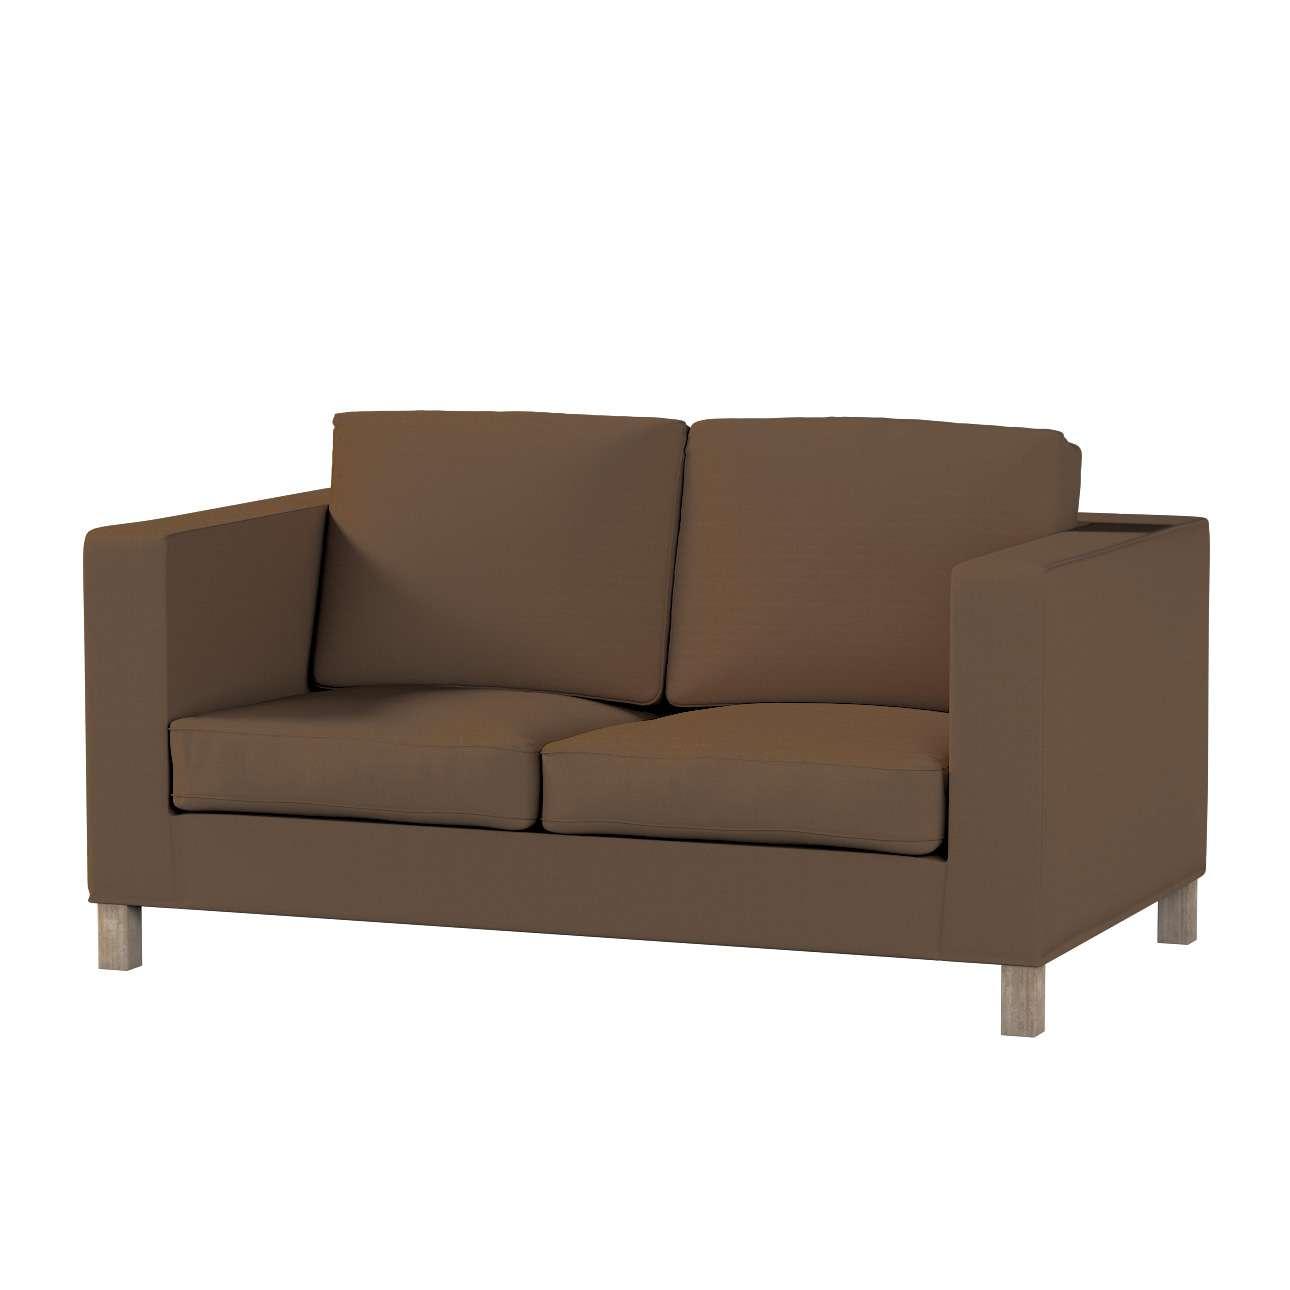 KARLANDA dvivietės sofos užvalkalas KARLANDA dvivietės sofos užvalkalas kolekcijoje Cotton Panama, audinys: 702-02